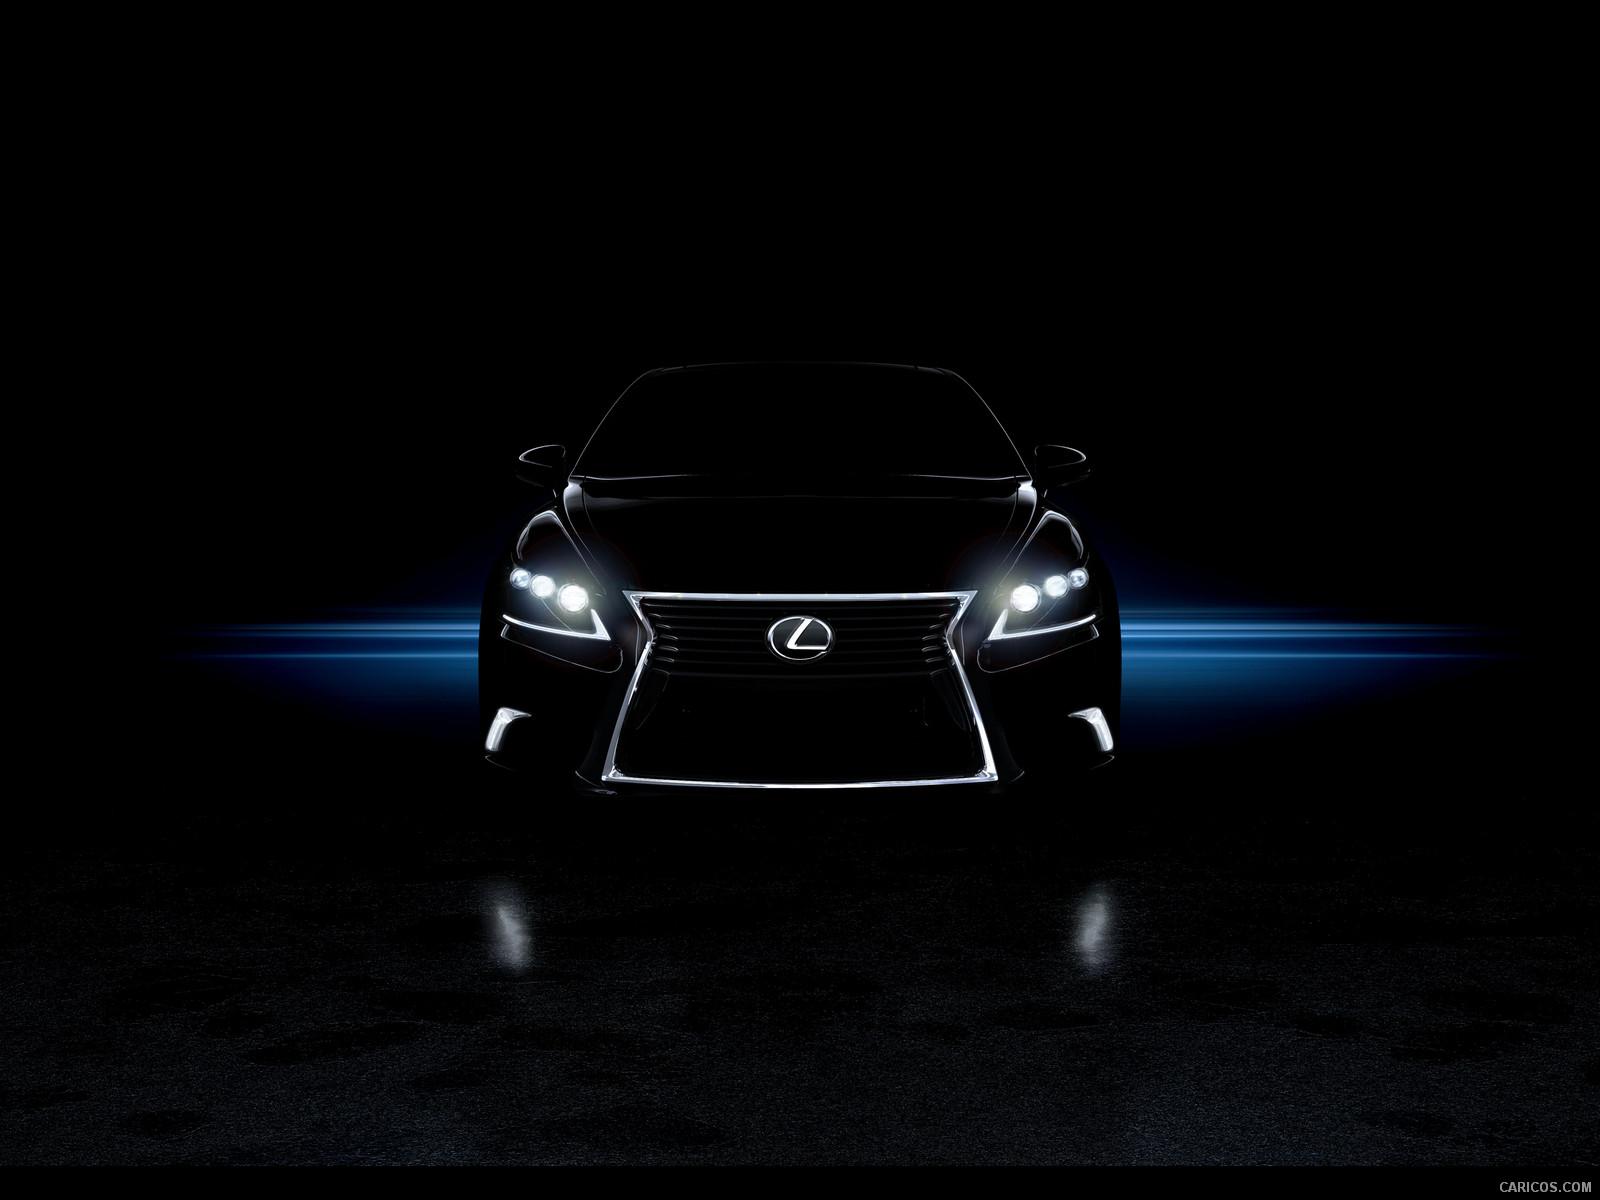 2013 Lexus LS 460 F SPORT - Front Wallpaper